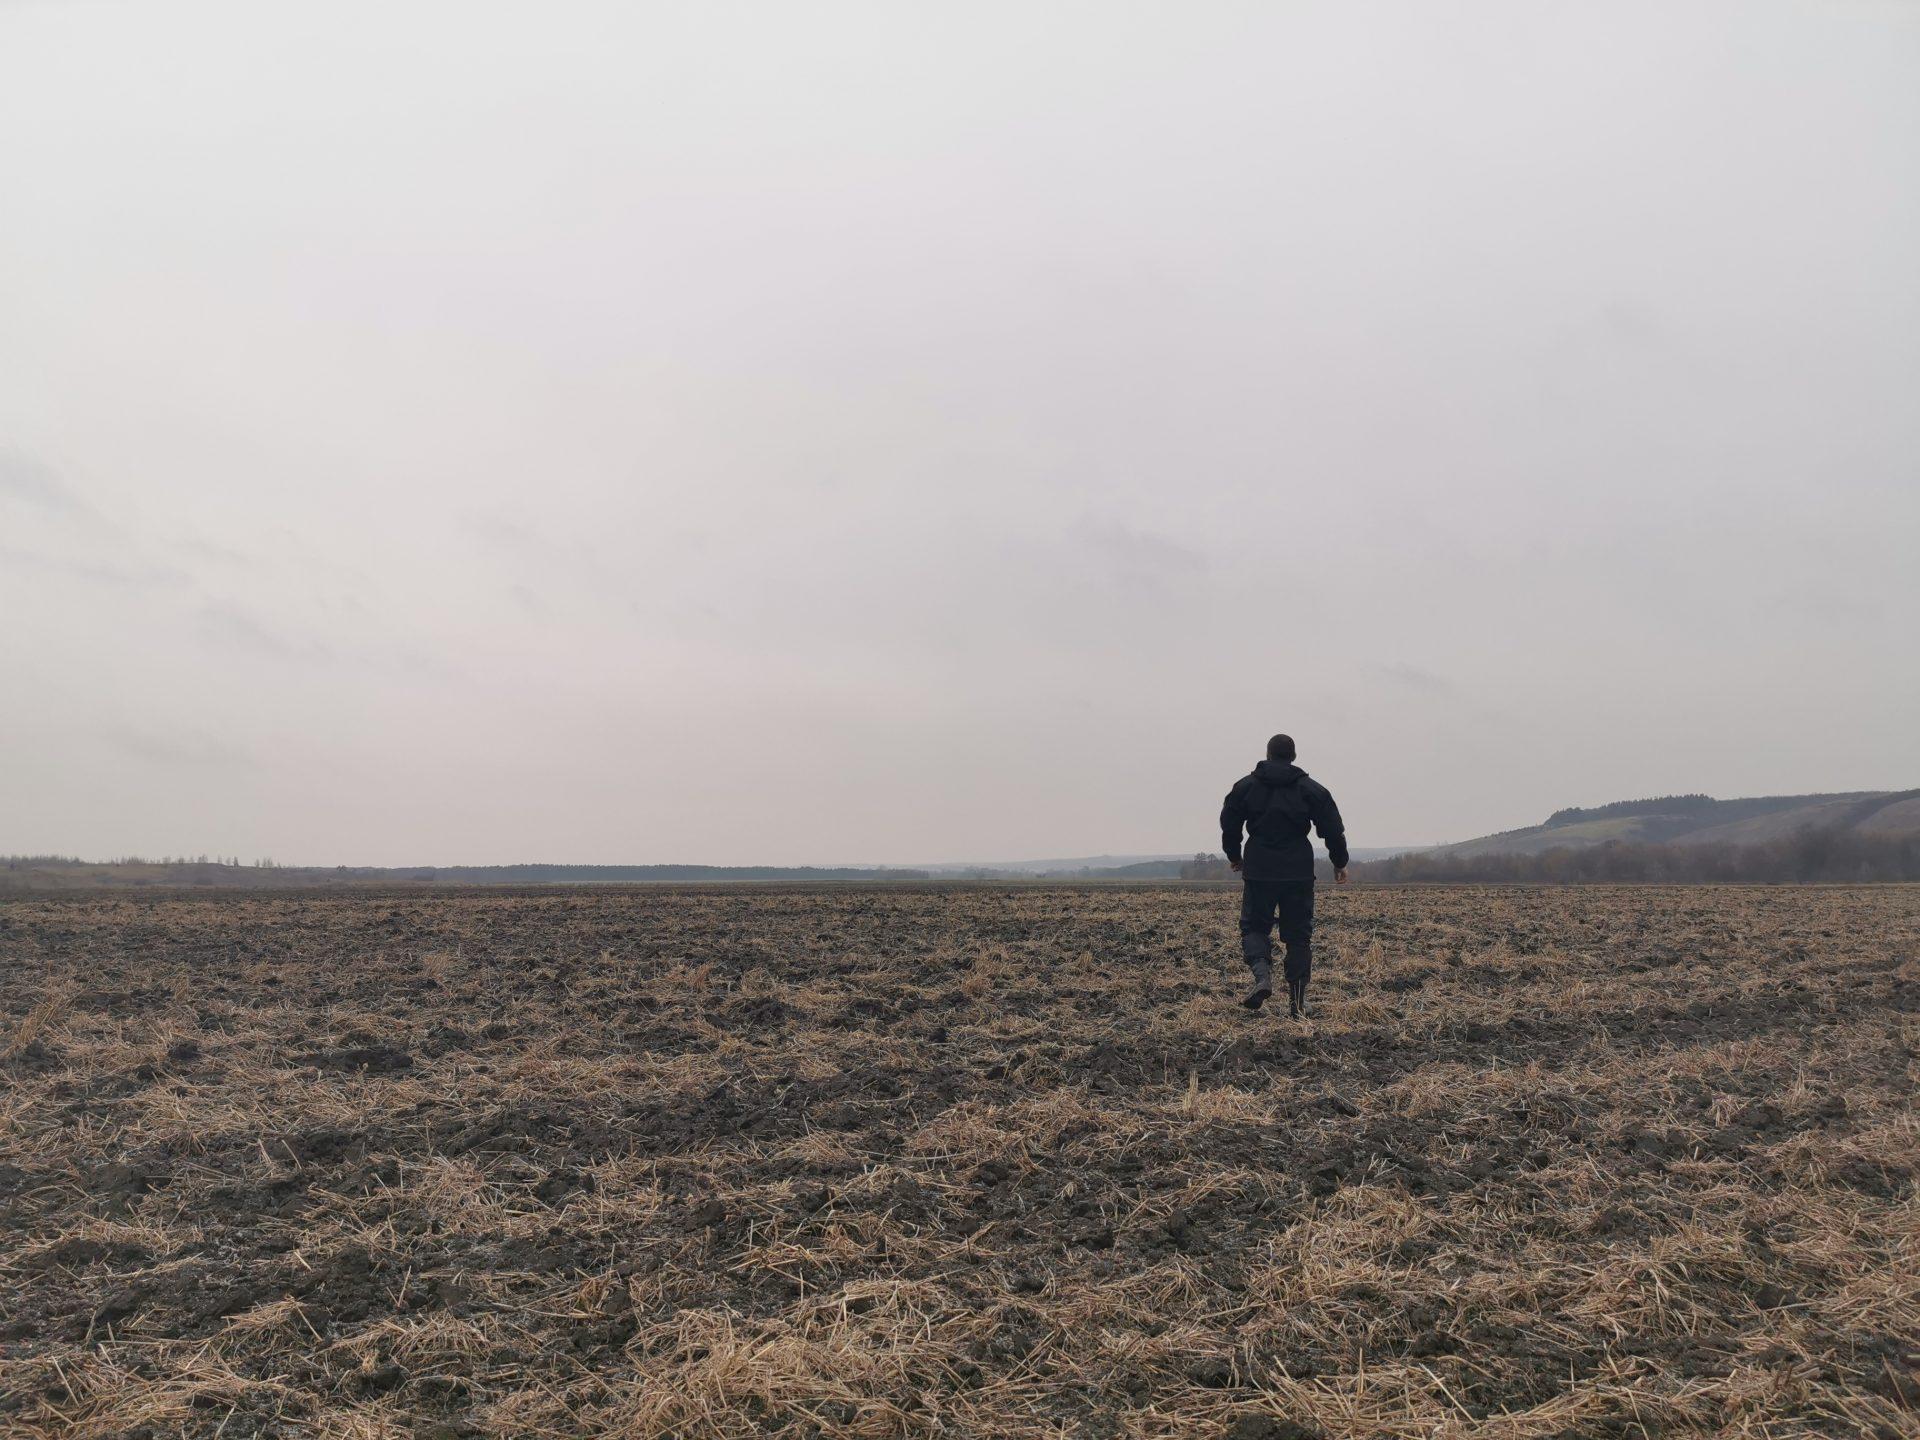 Воронежская область. Акции в защиту Хопра (заметка из экспедиции)